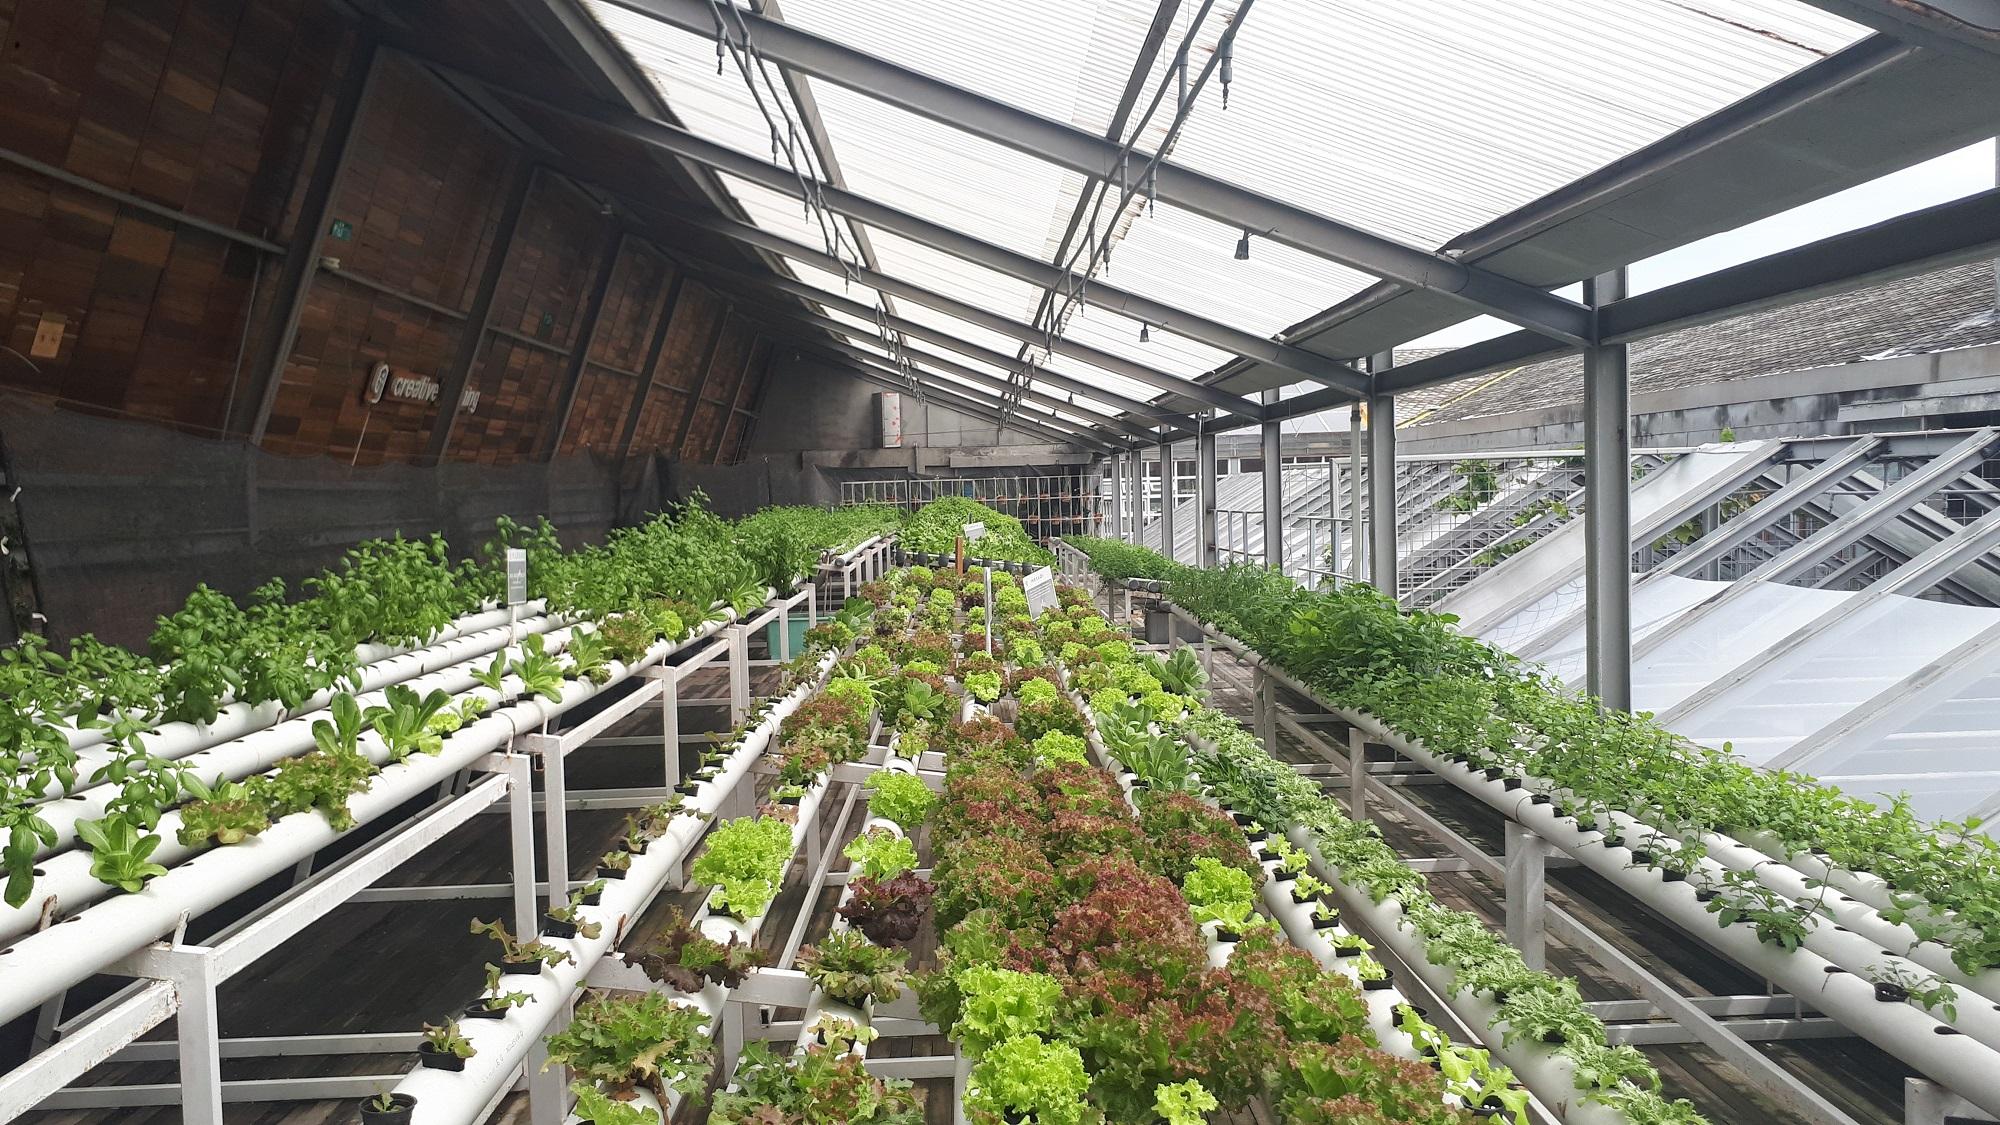 Invernaderos conectados para una agricultura más eficiente